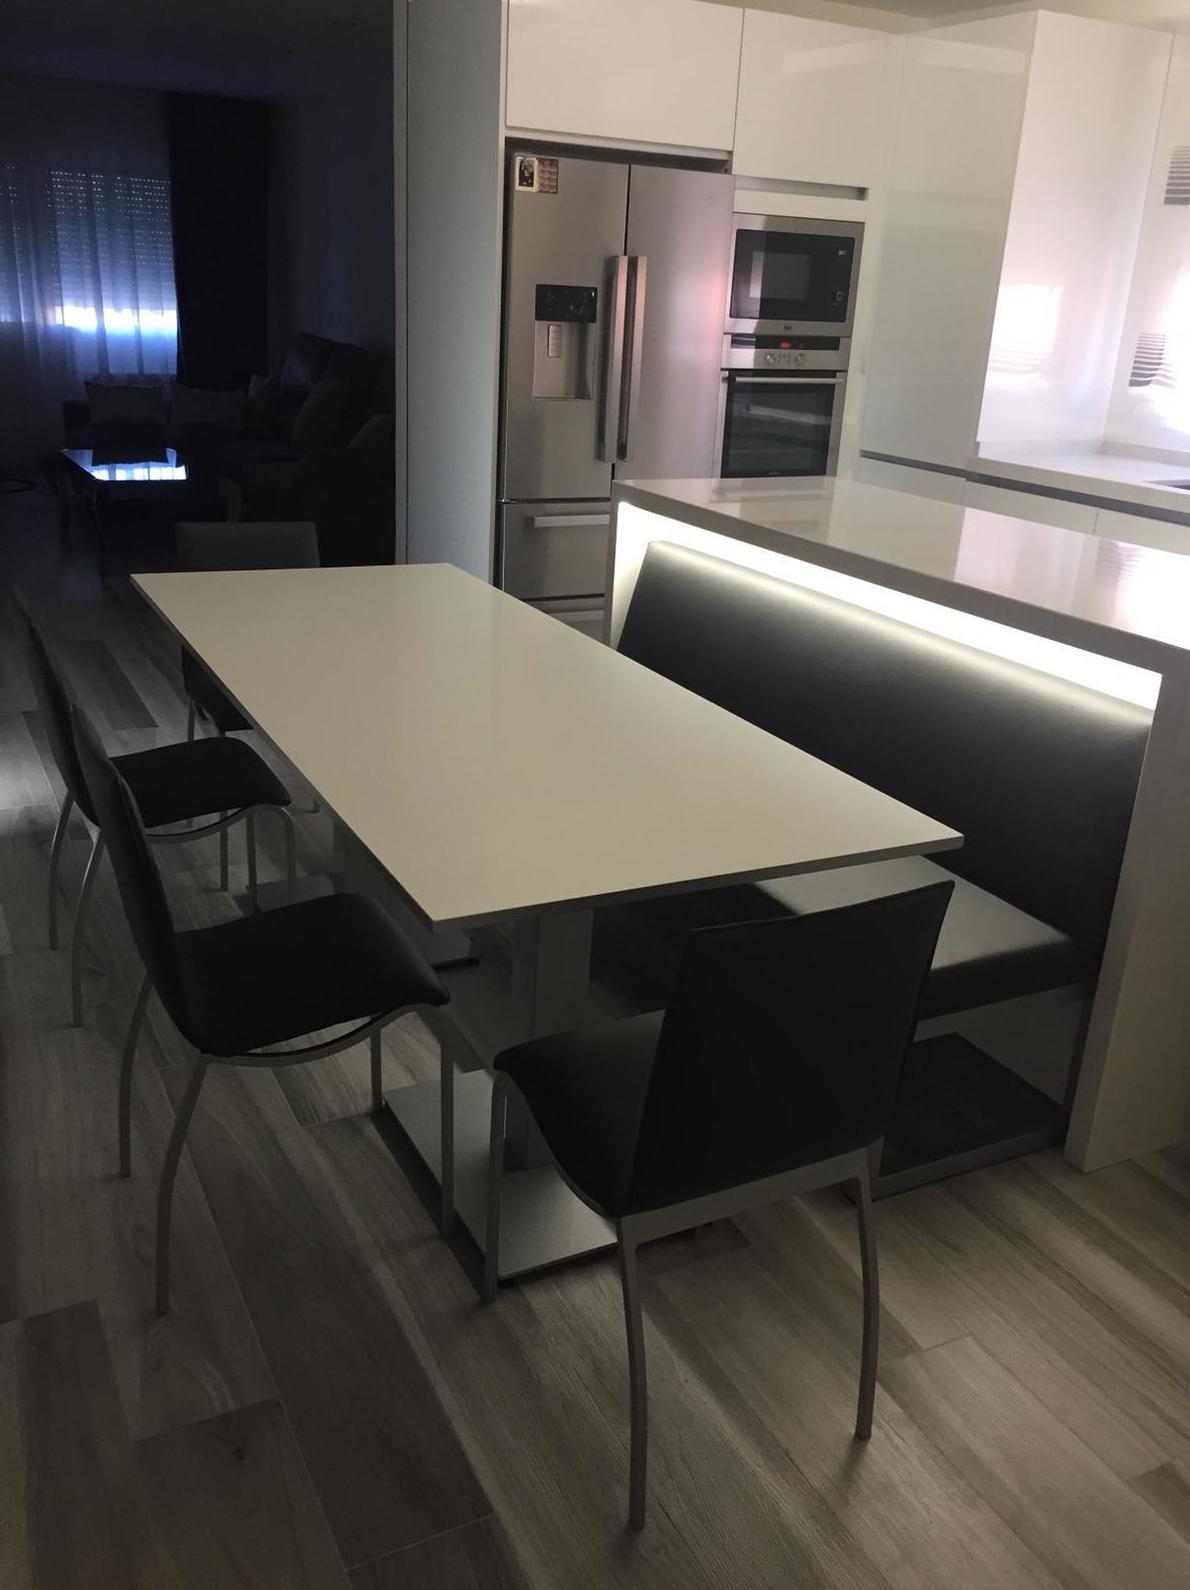 Instalación para cocina con Mesa ,sillas y banco: Productos ...